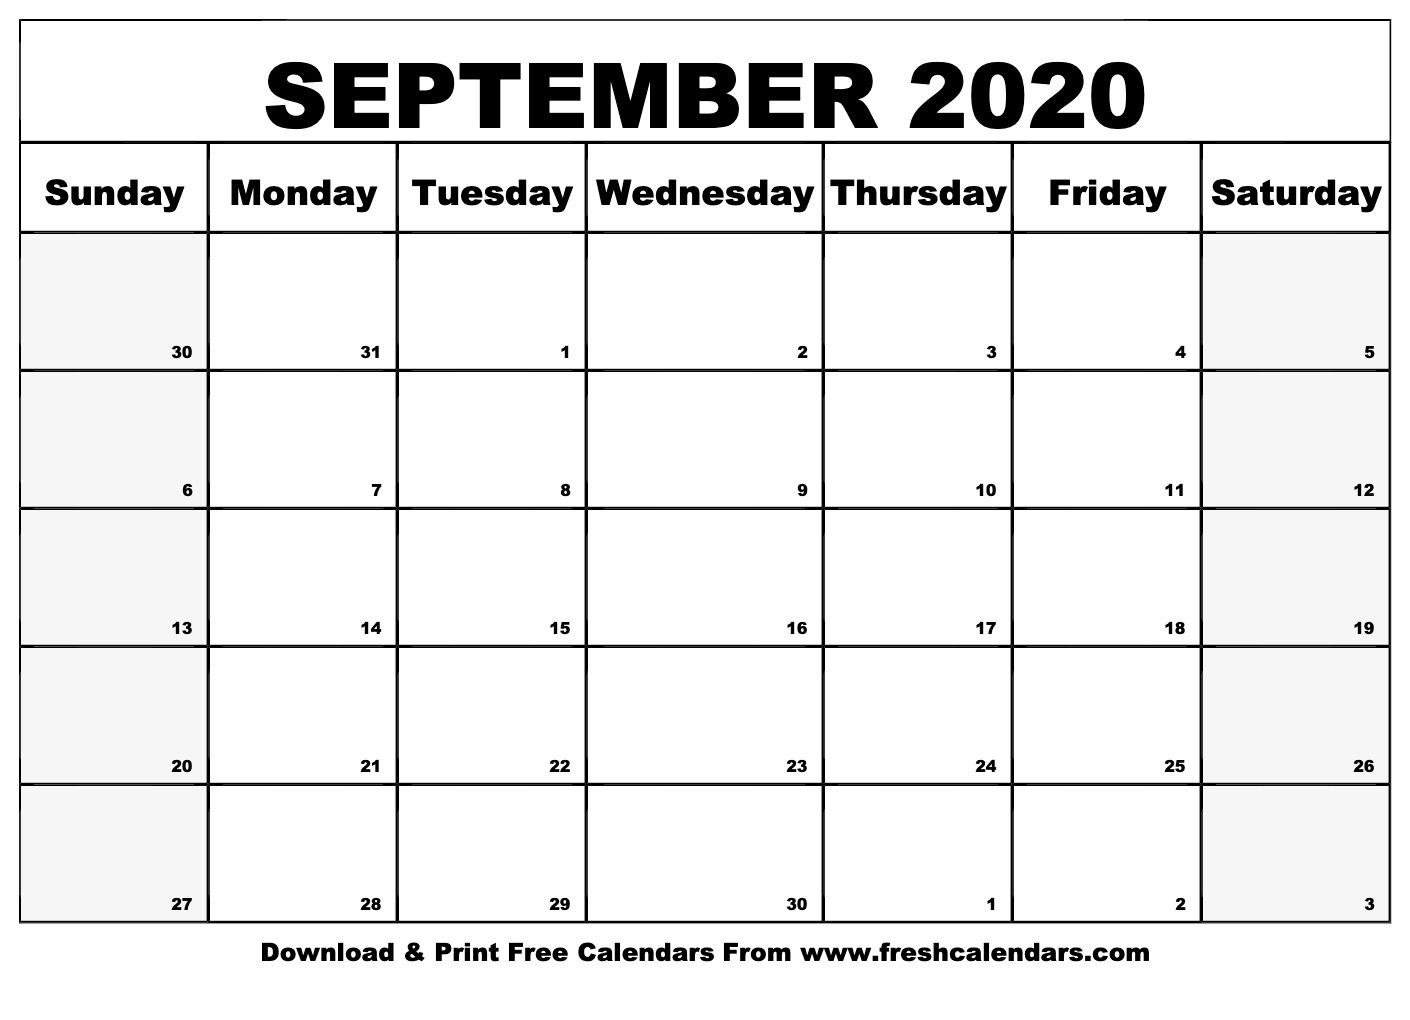 September 2020 Calendar Printable - Fresh Calendars_Calendar Blank Template September 2020